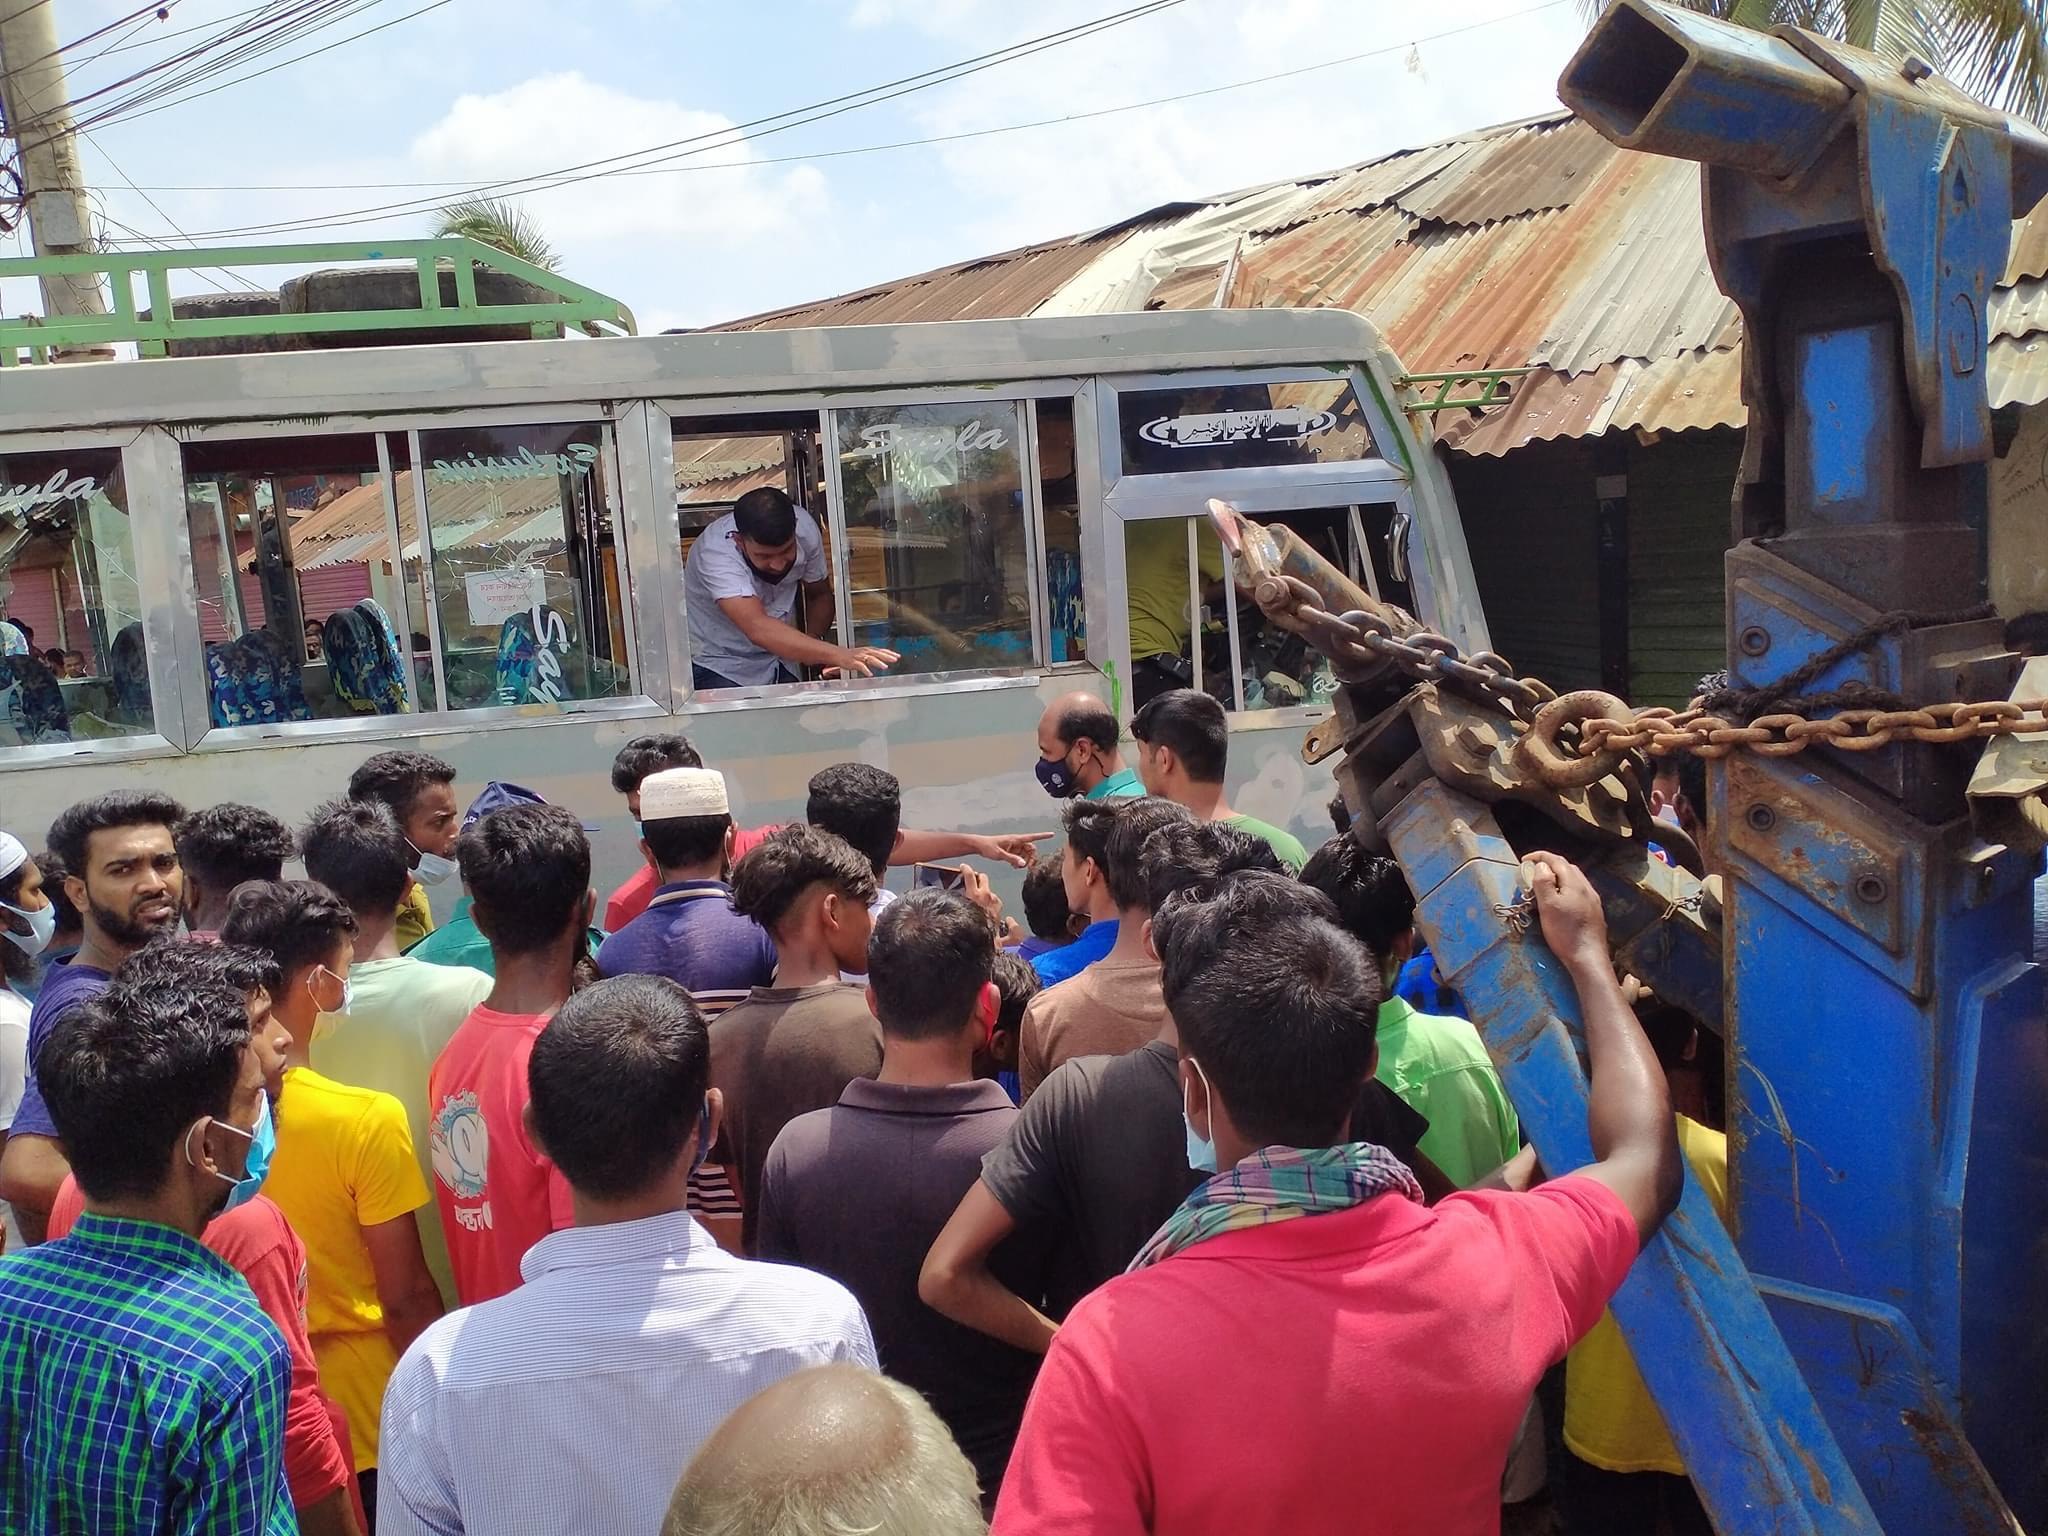 নিয়ন্ত্রণ হারিয়ে দোকানের ভিতর ফরচুন সু কোম্পানির বাস